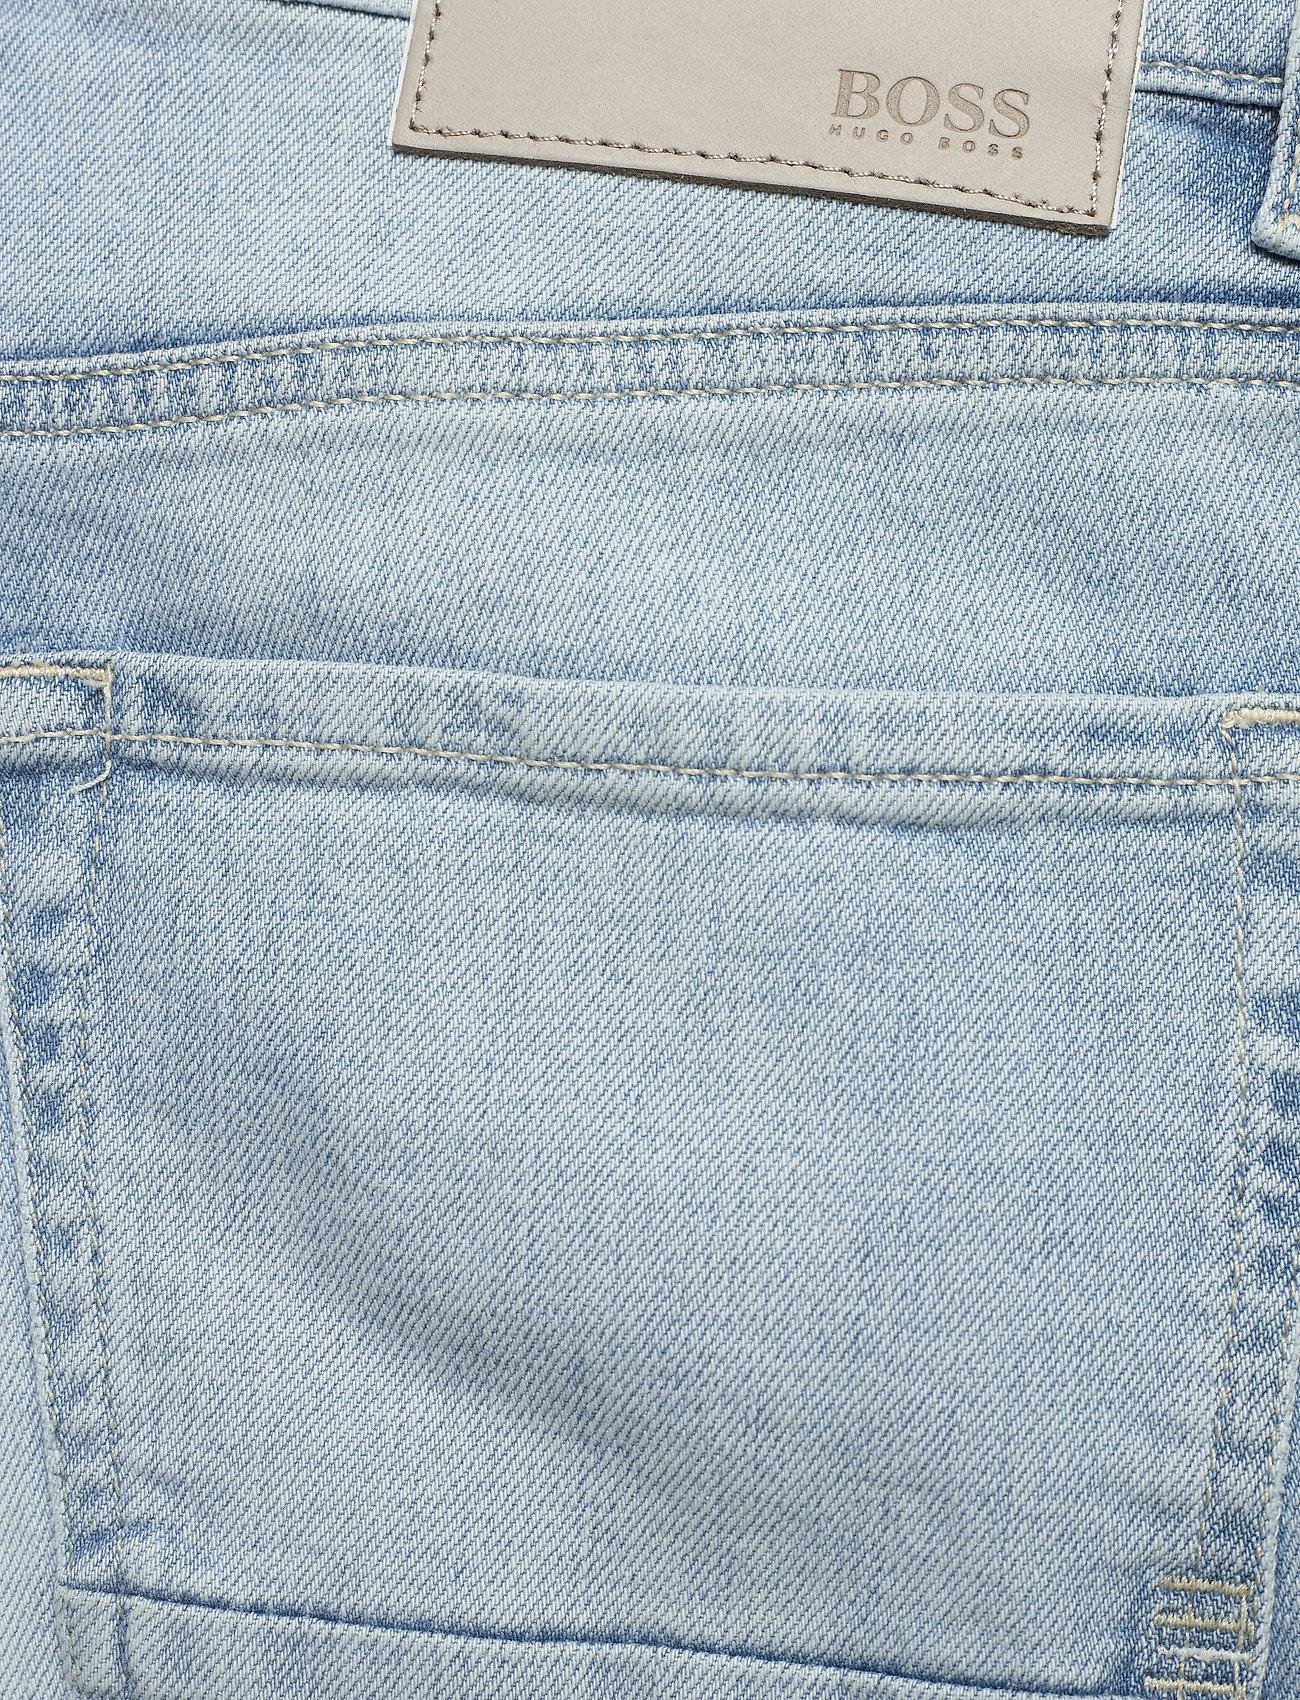 Boss Maine Bc-l-c - Jeans Light/pastel Blue